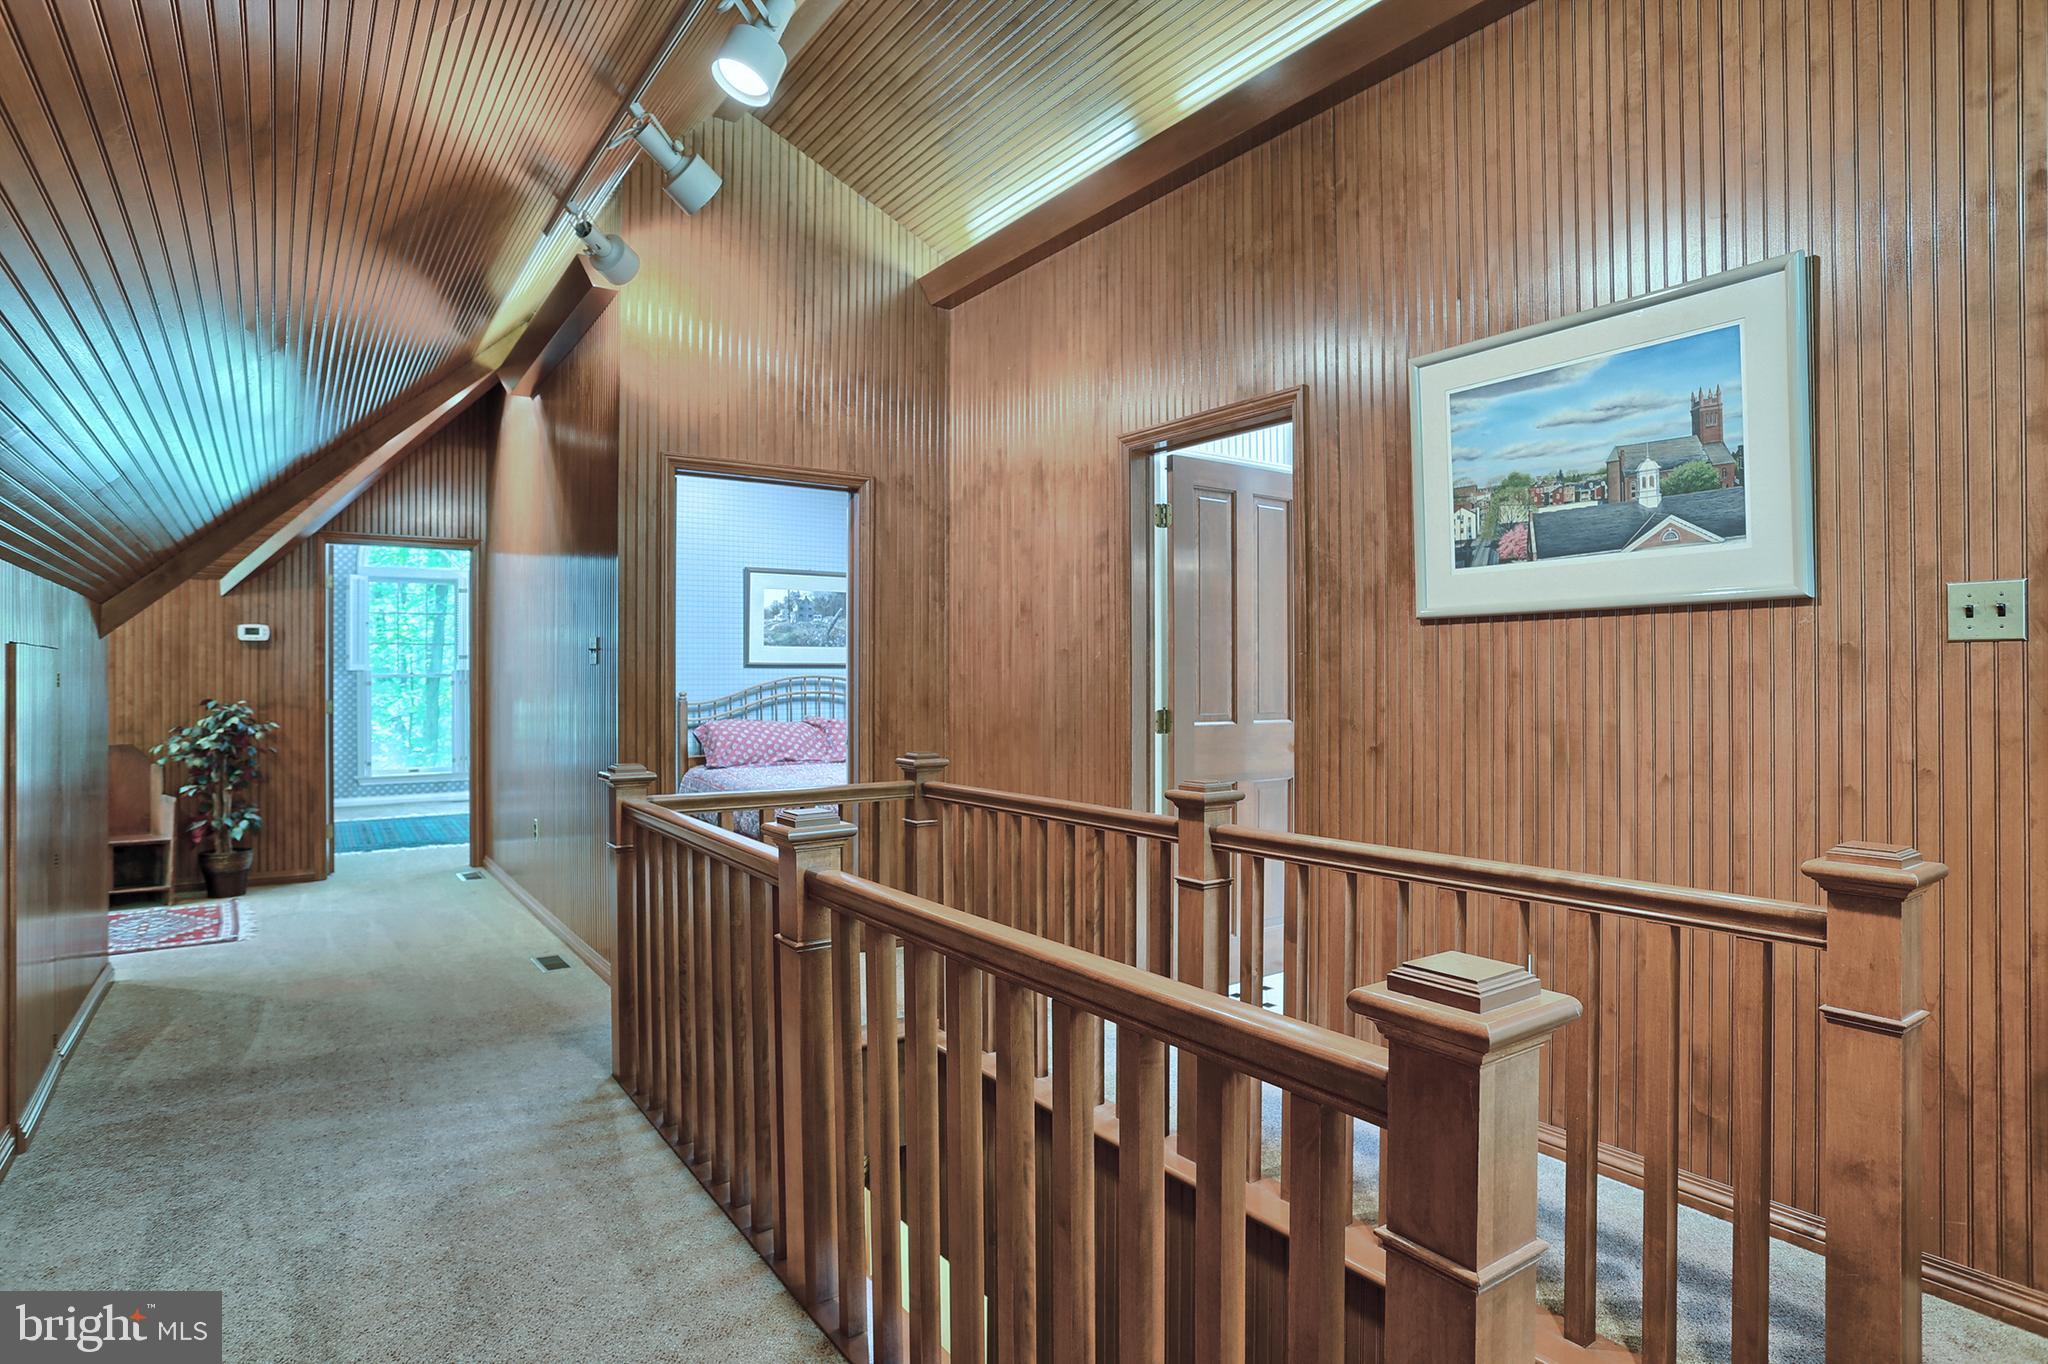 Another view of 3rd floor hallway